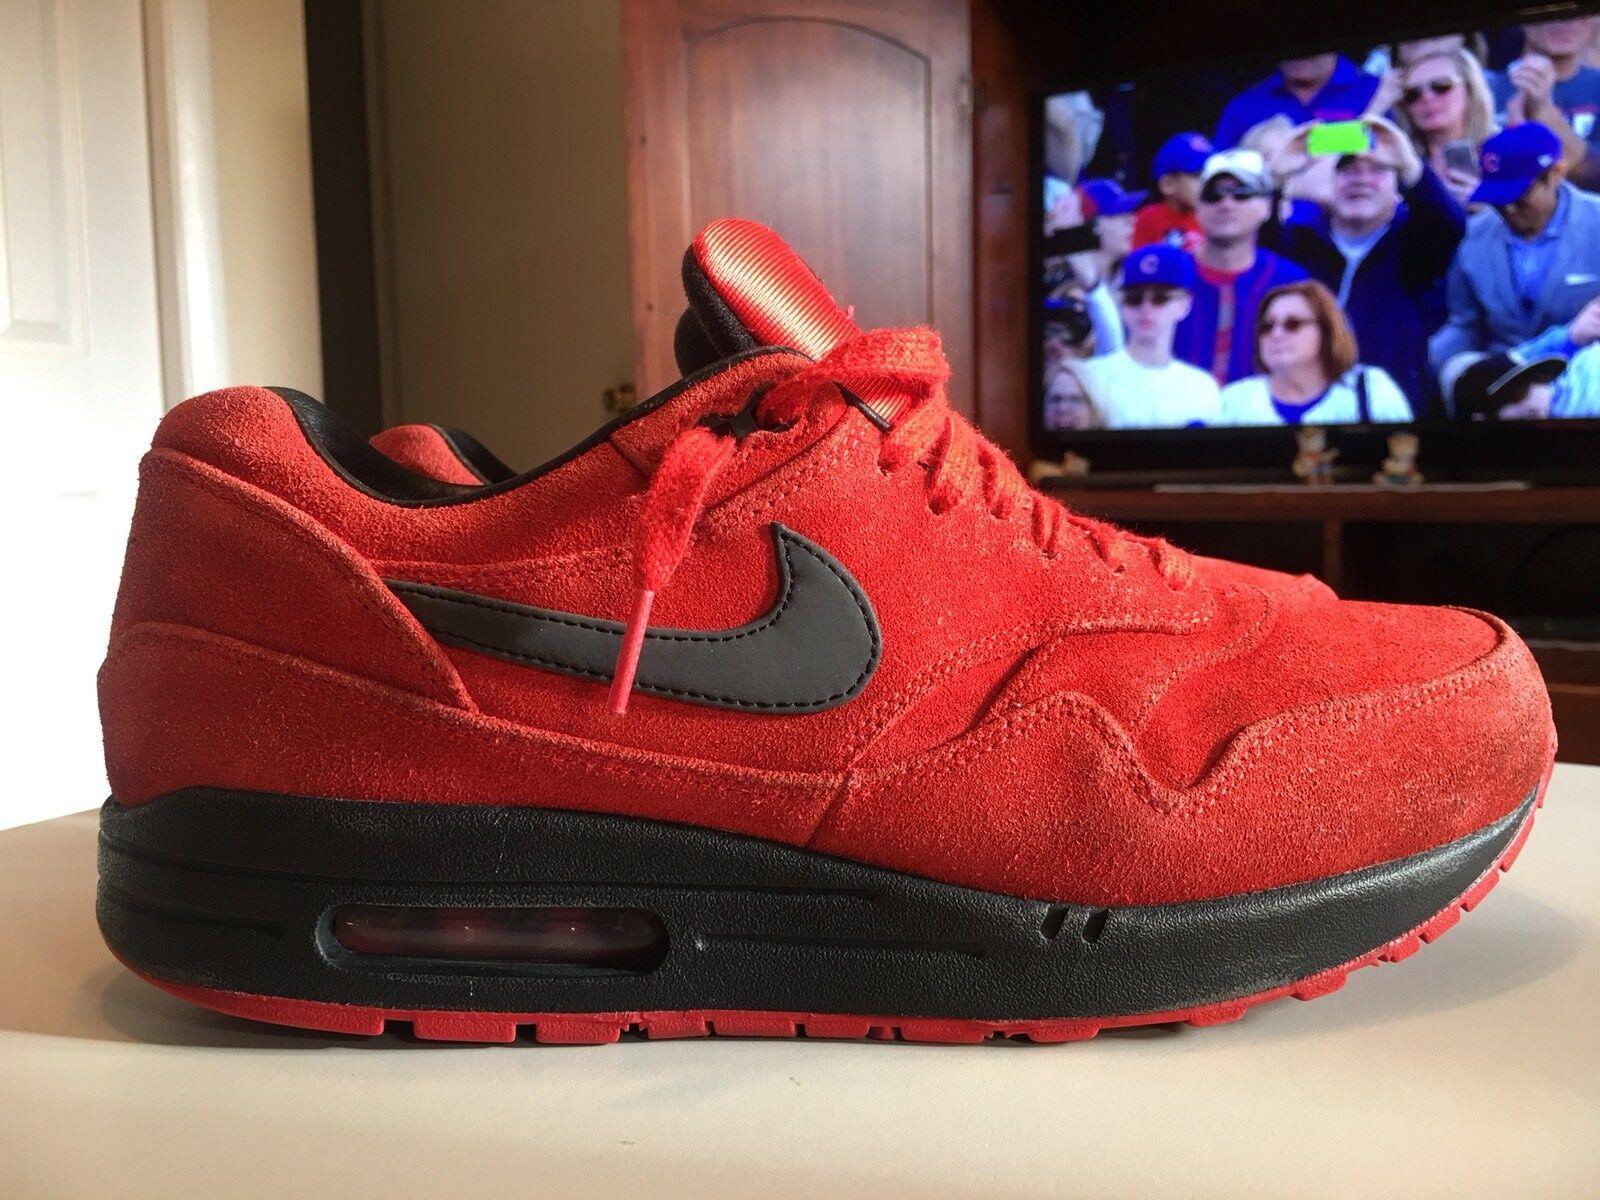 Nike air max 1 premium, früchte rot - schwarz, wildleder, 512033 610, größe 10,5